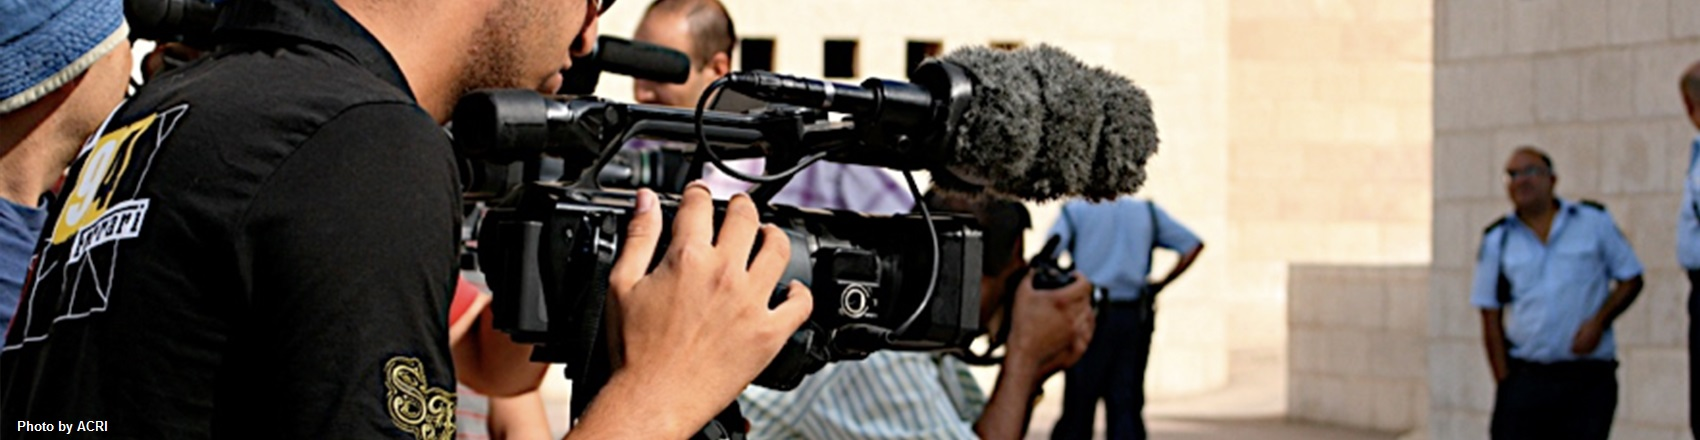 Free Media in Israel